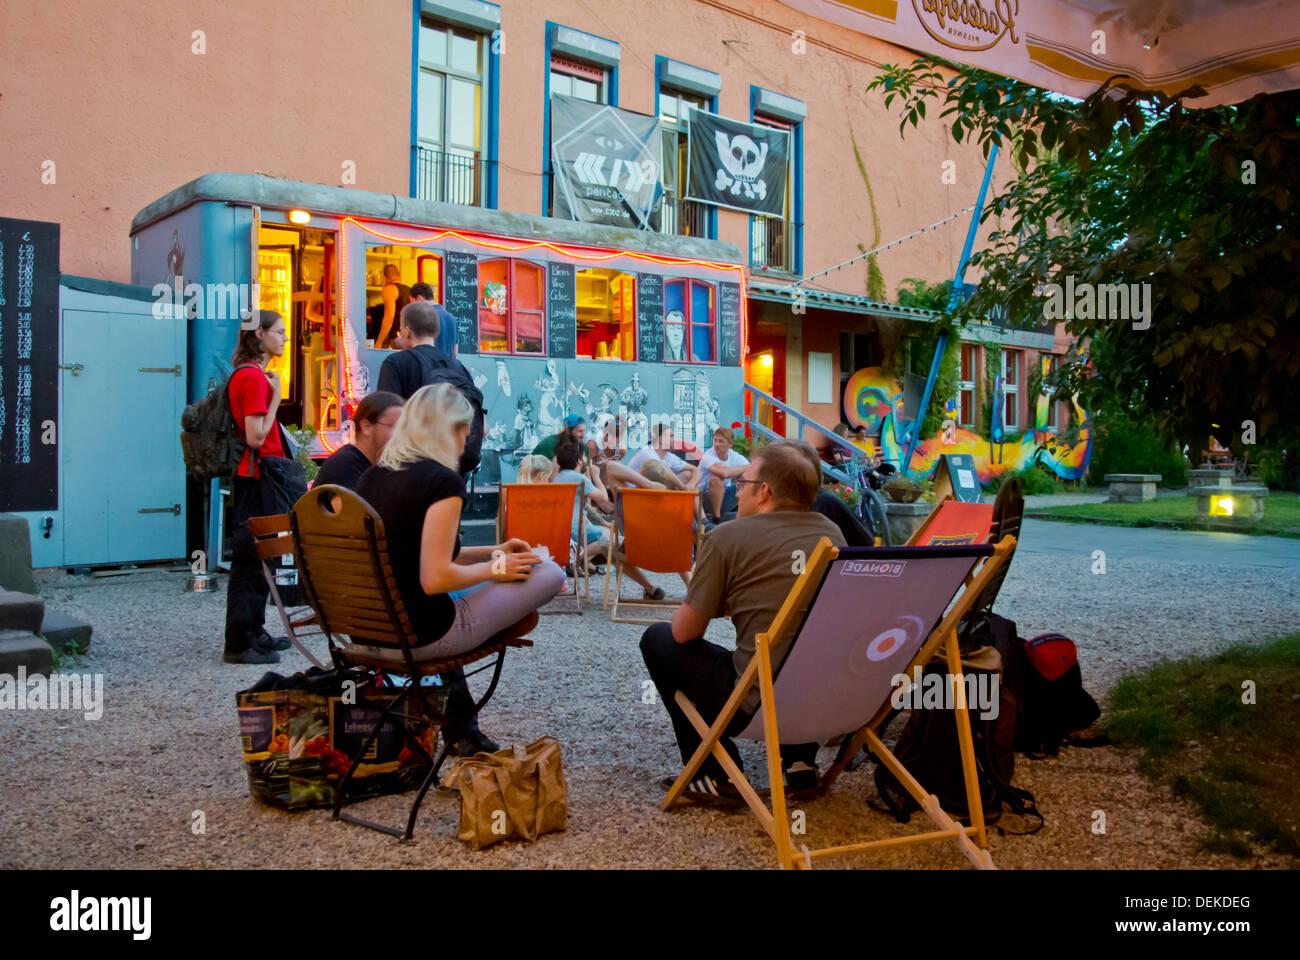 Scheune bar e di un centro di intrattenimento Neustadt città nuova città di Dresda in Sassonia membro Germania dell Est Europa centrale Immagini Stock